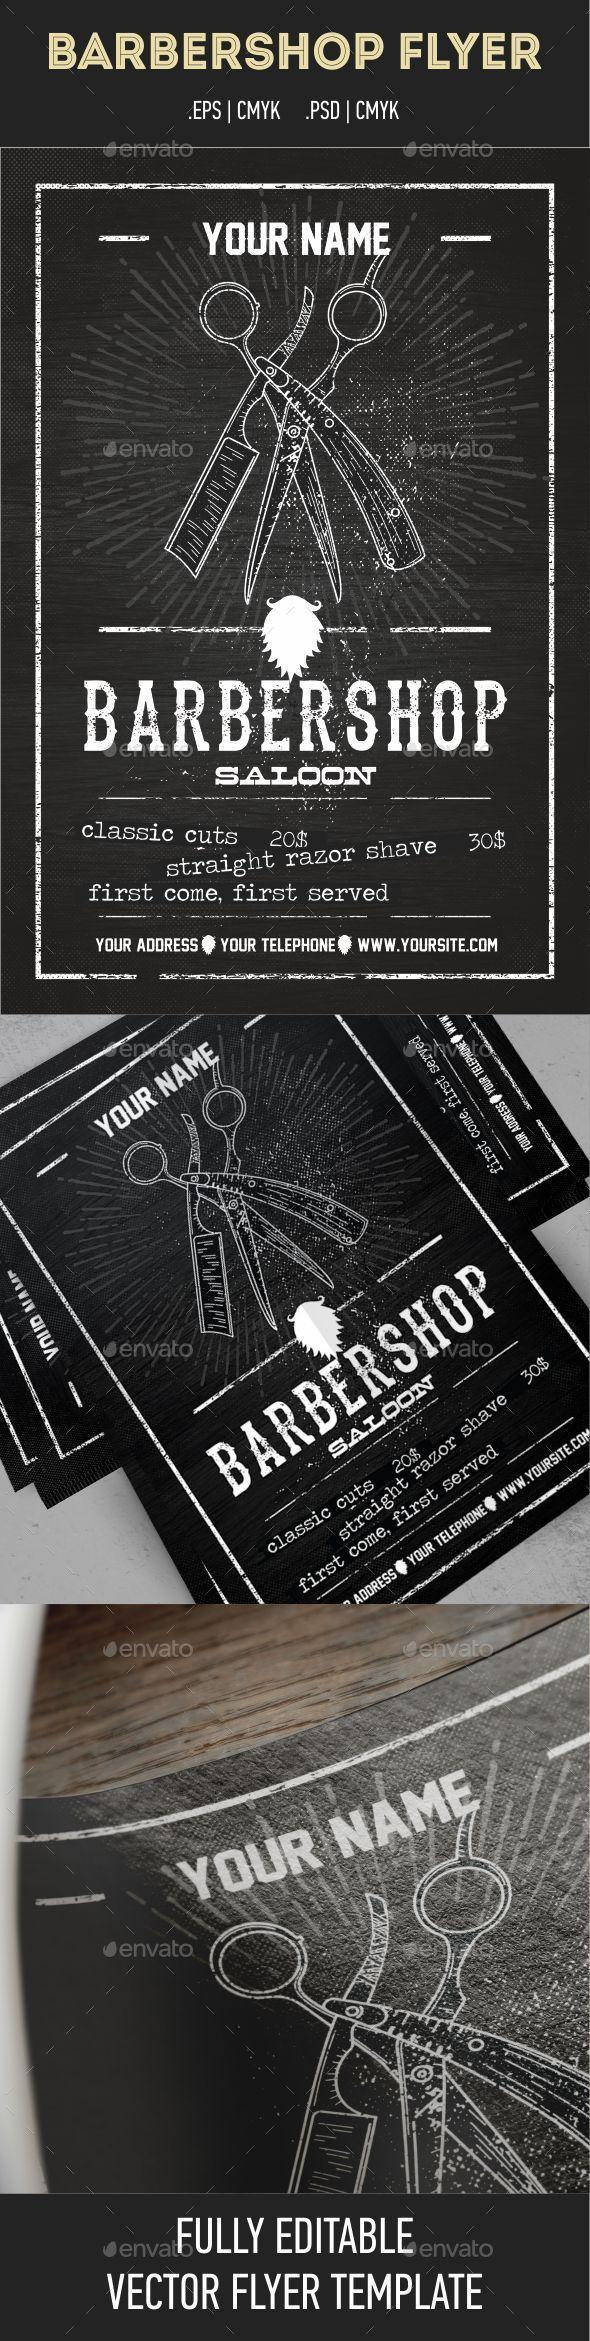 Barber Shop Flyer Template Is Retro Vintage Psd Flyer With A Modern - Barbershop flyer template